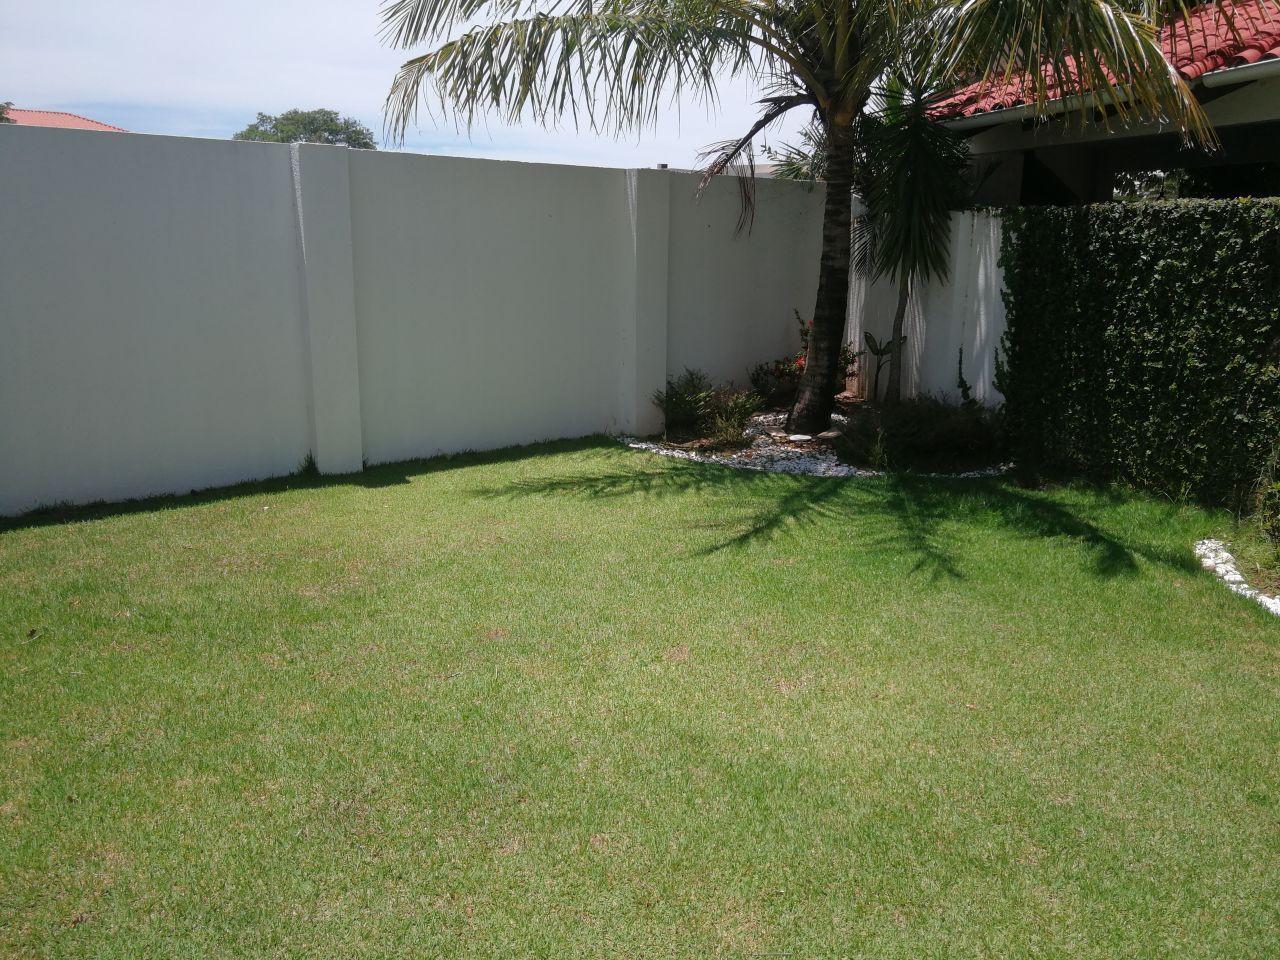 Casa en Alquiler JARDINES DEL URUBO ALQUILO CASA AMOBLADA Y EQUIPADA Foto 9